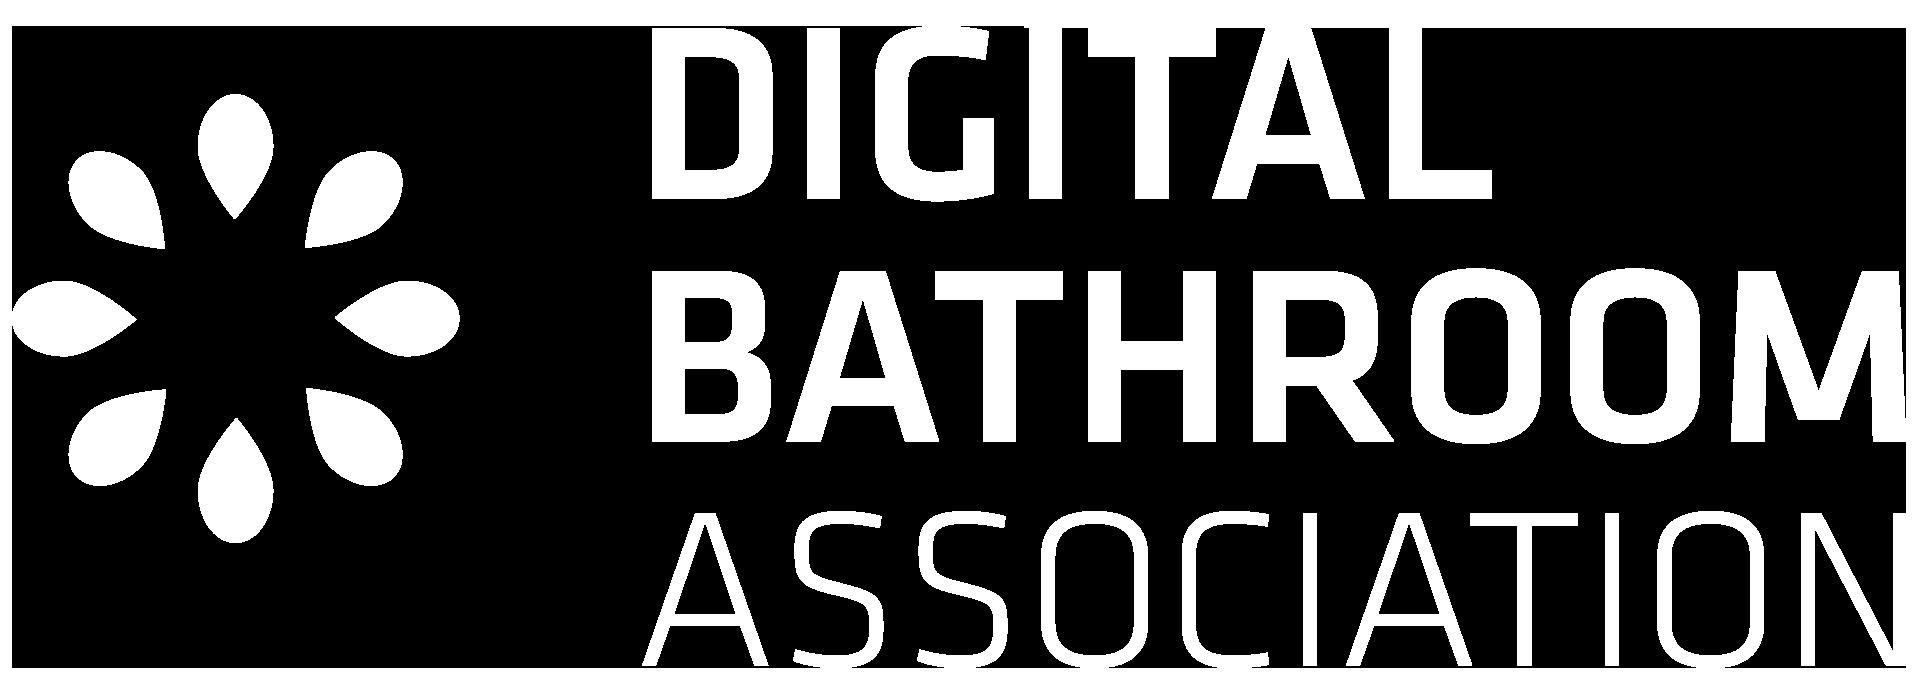 digital bathroom association